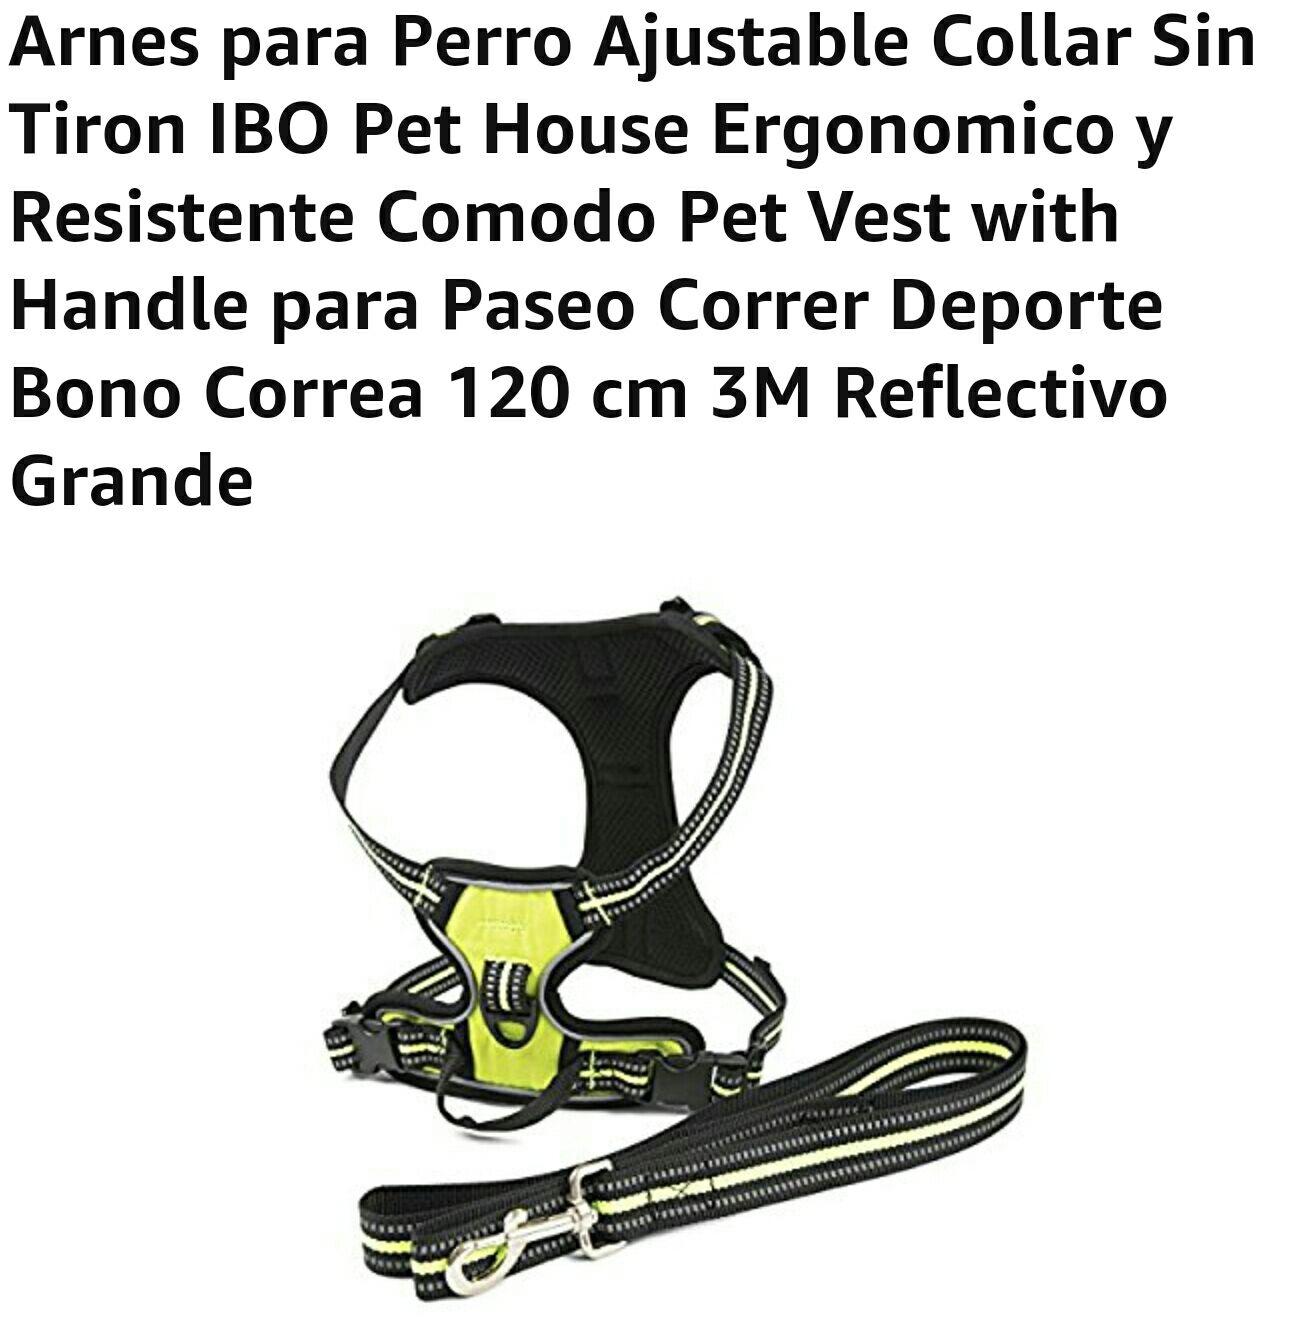 Amazon: Arnes para Perro Ajustable Collar Sin Tiron (vendido por un tercero)